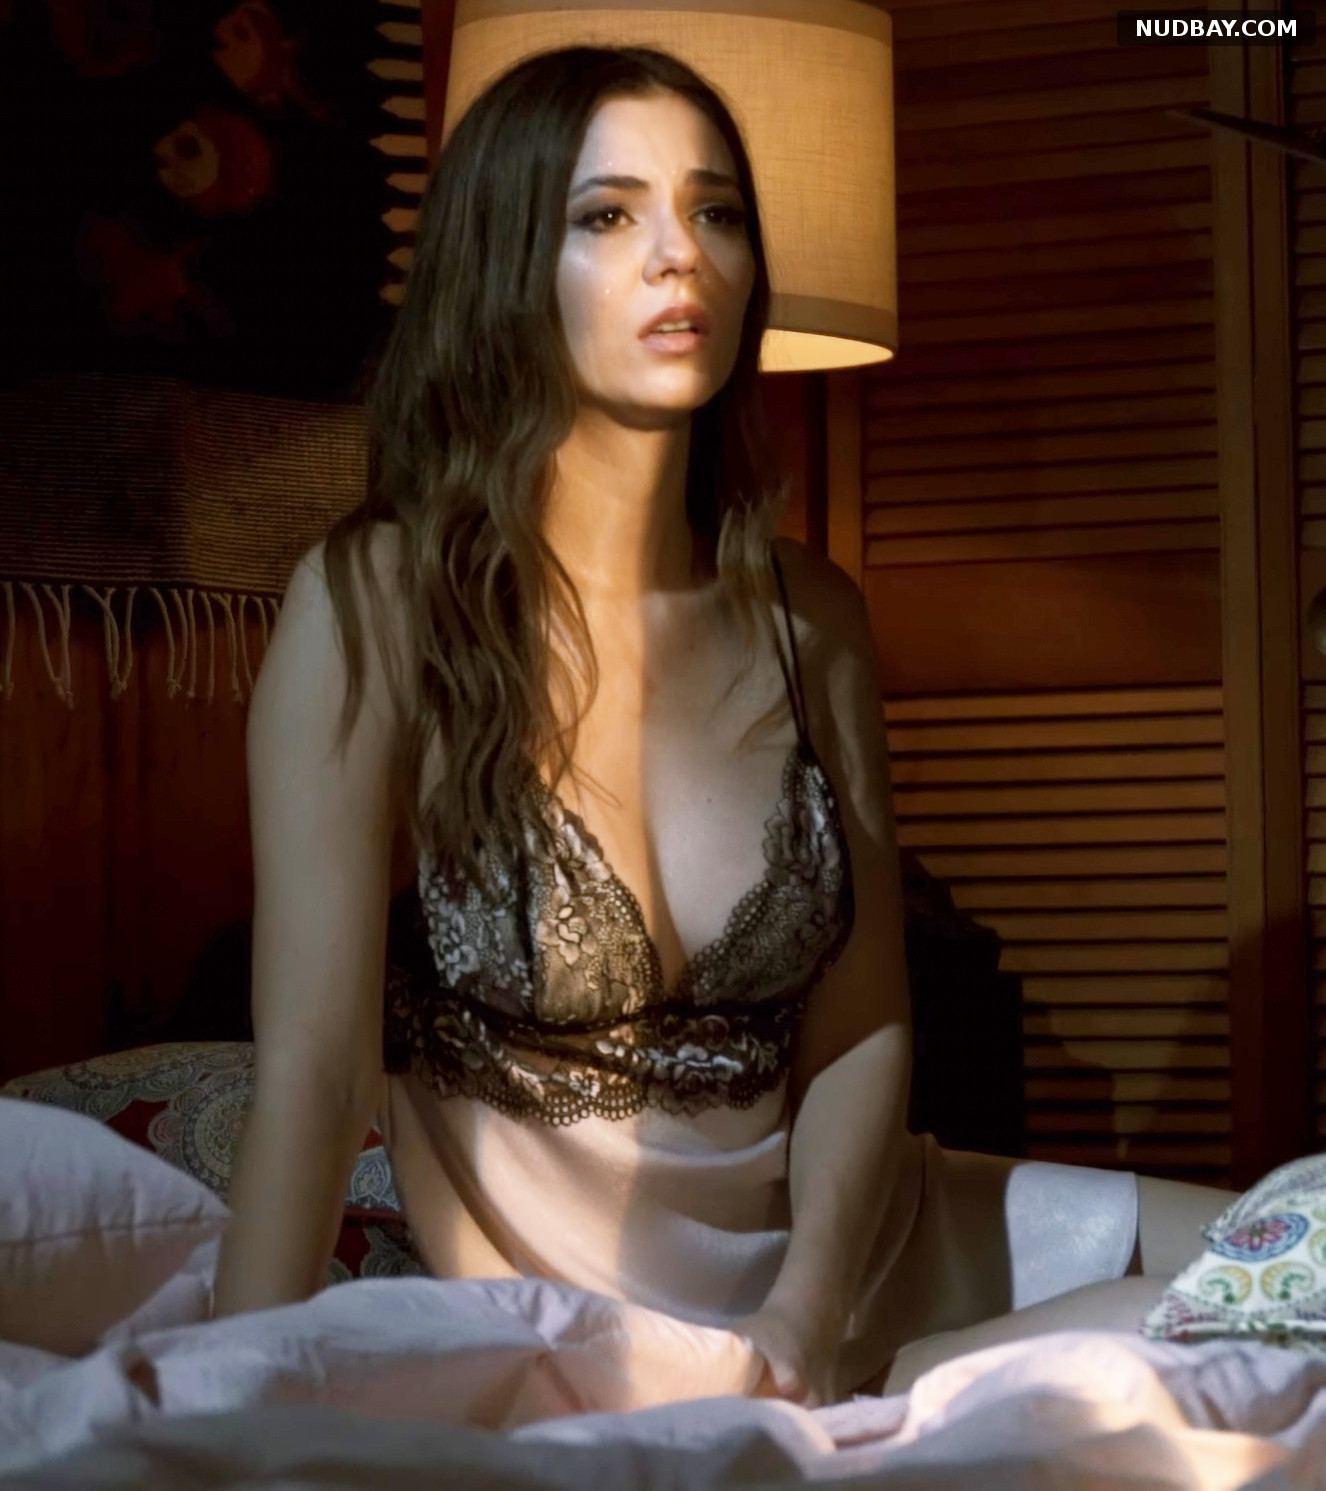 Victoria Justice boobs